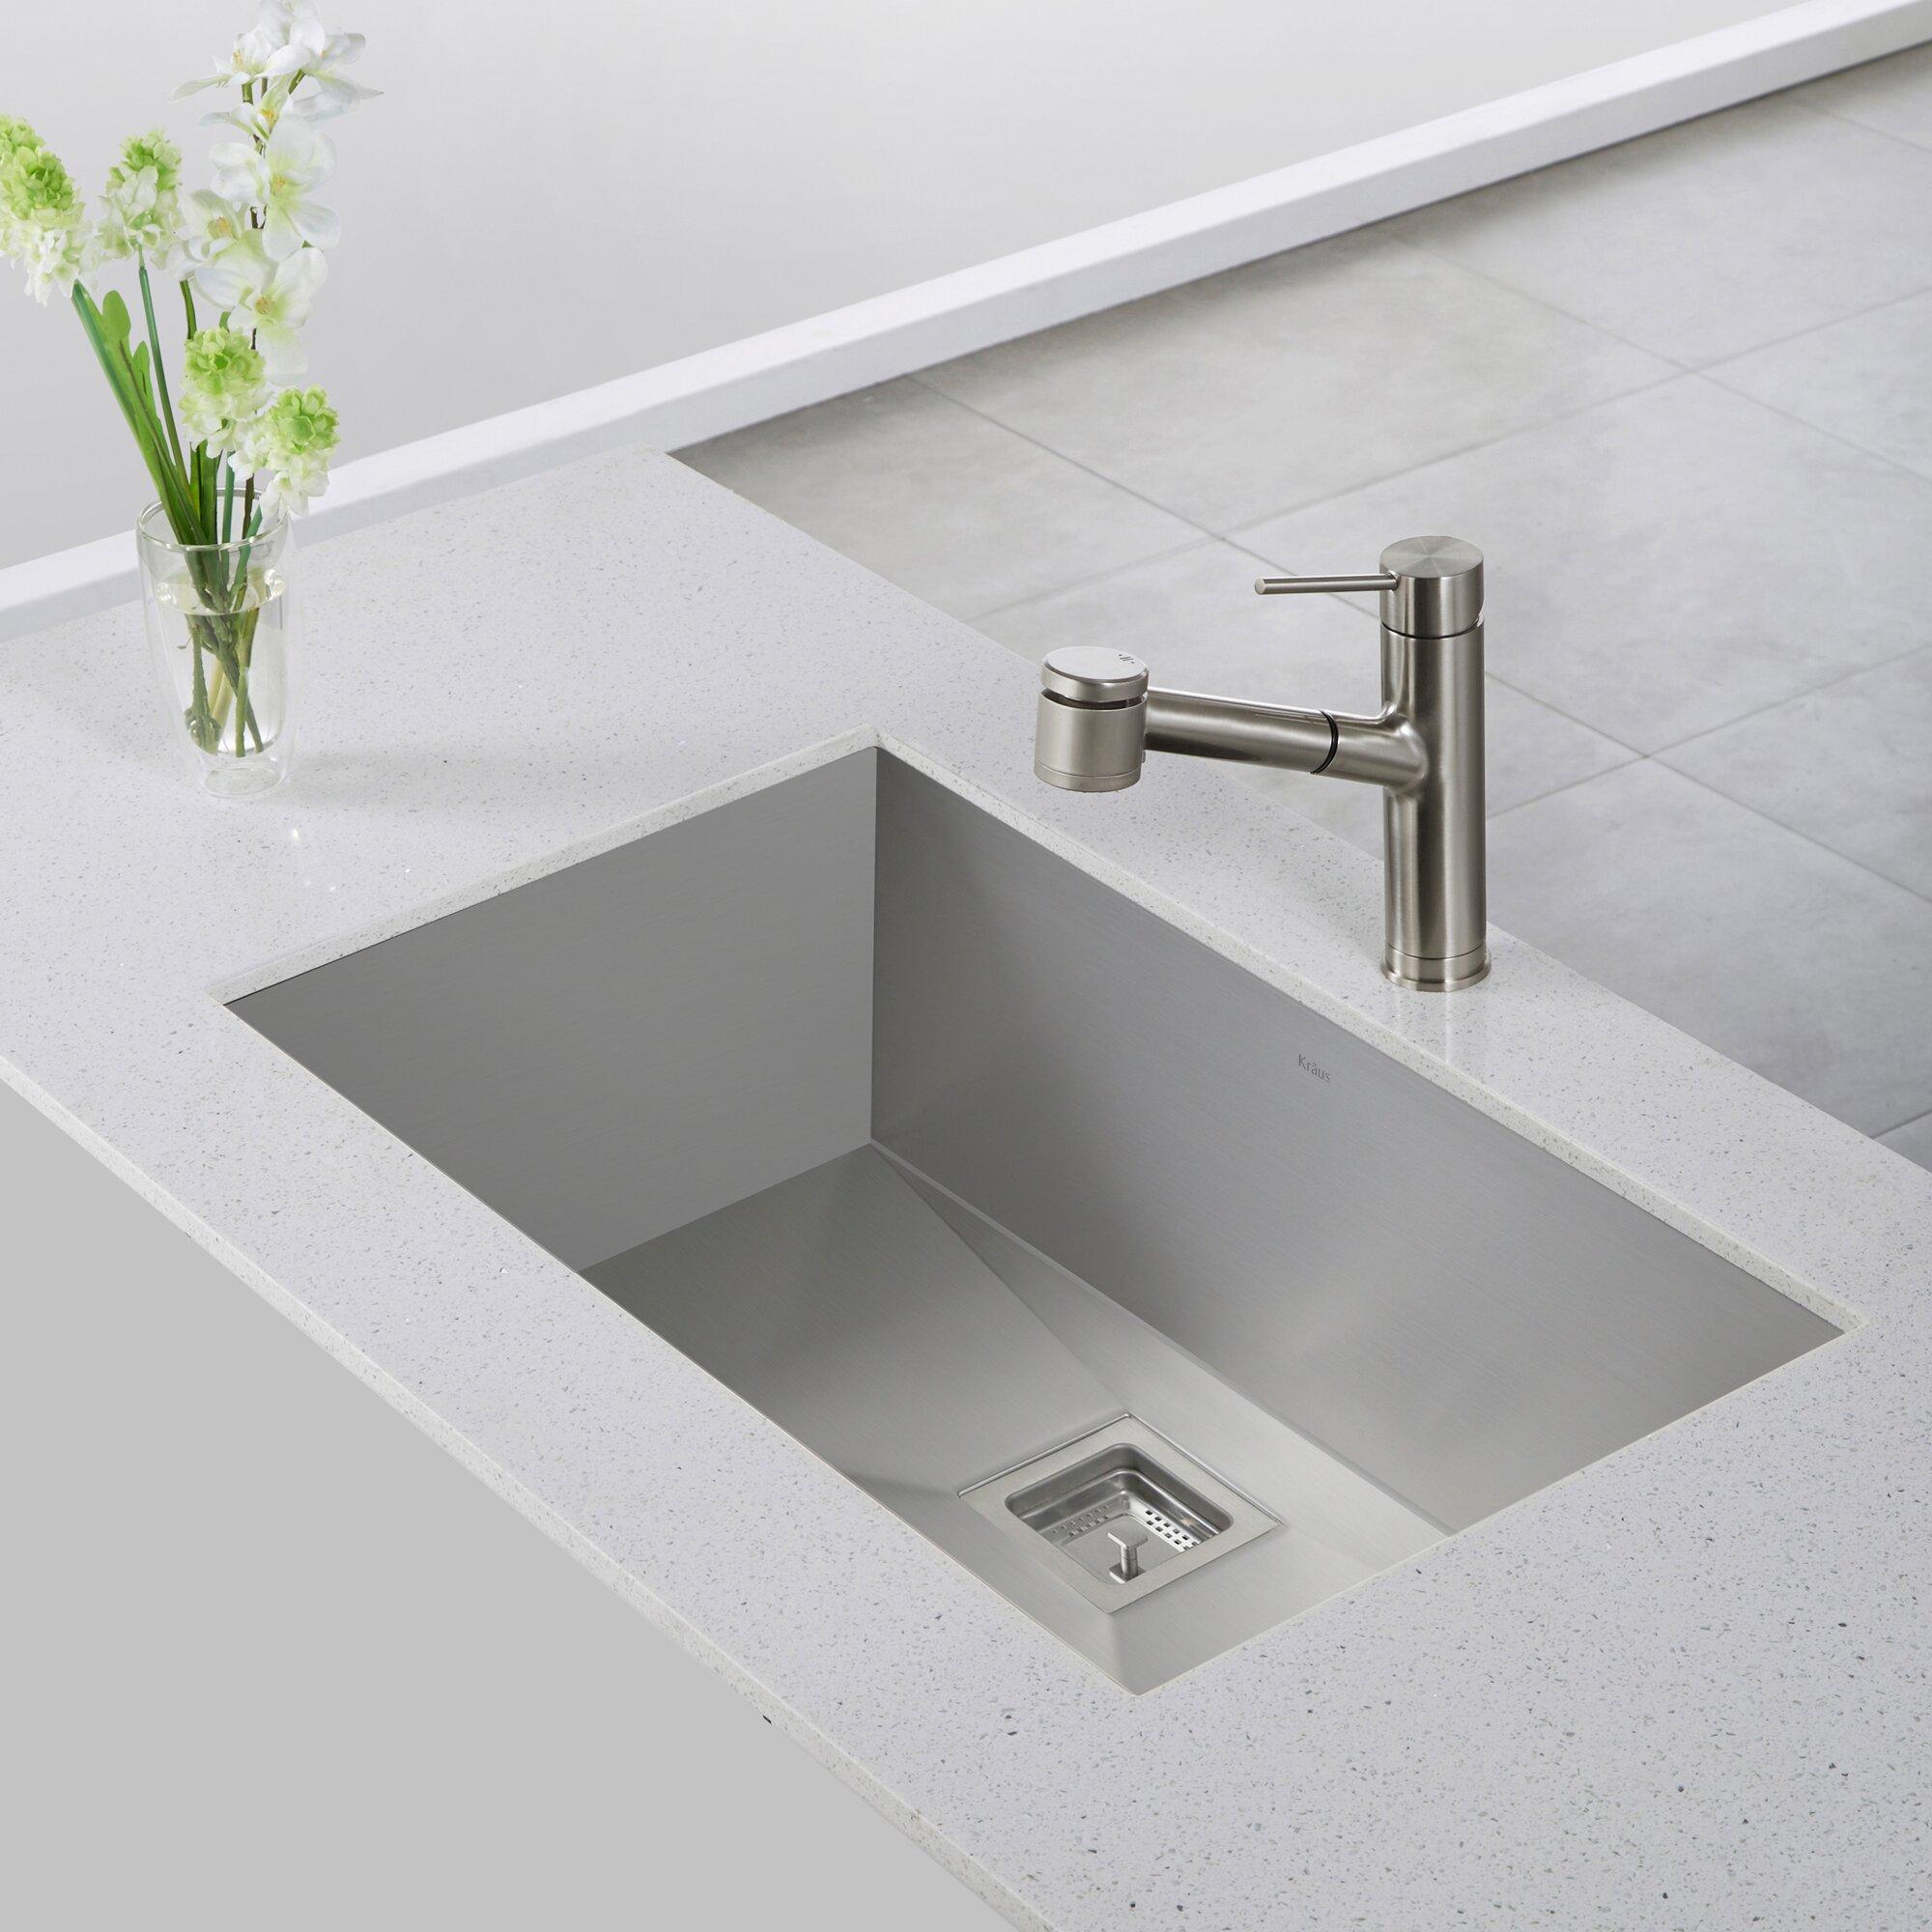 Kraus Kitchen Sinks Canada : Kraus Pax 31.5